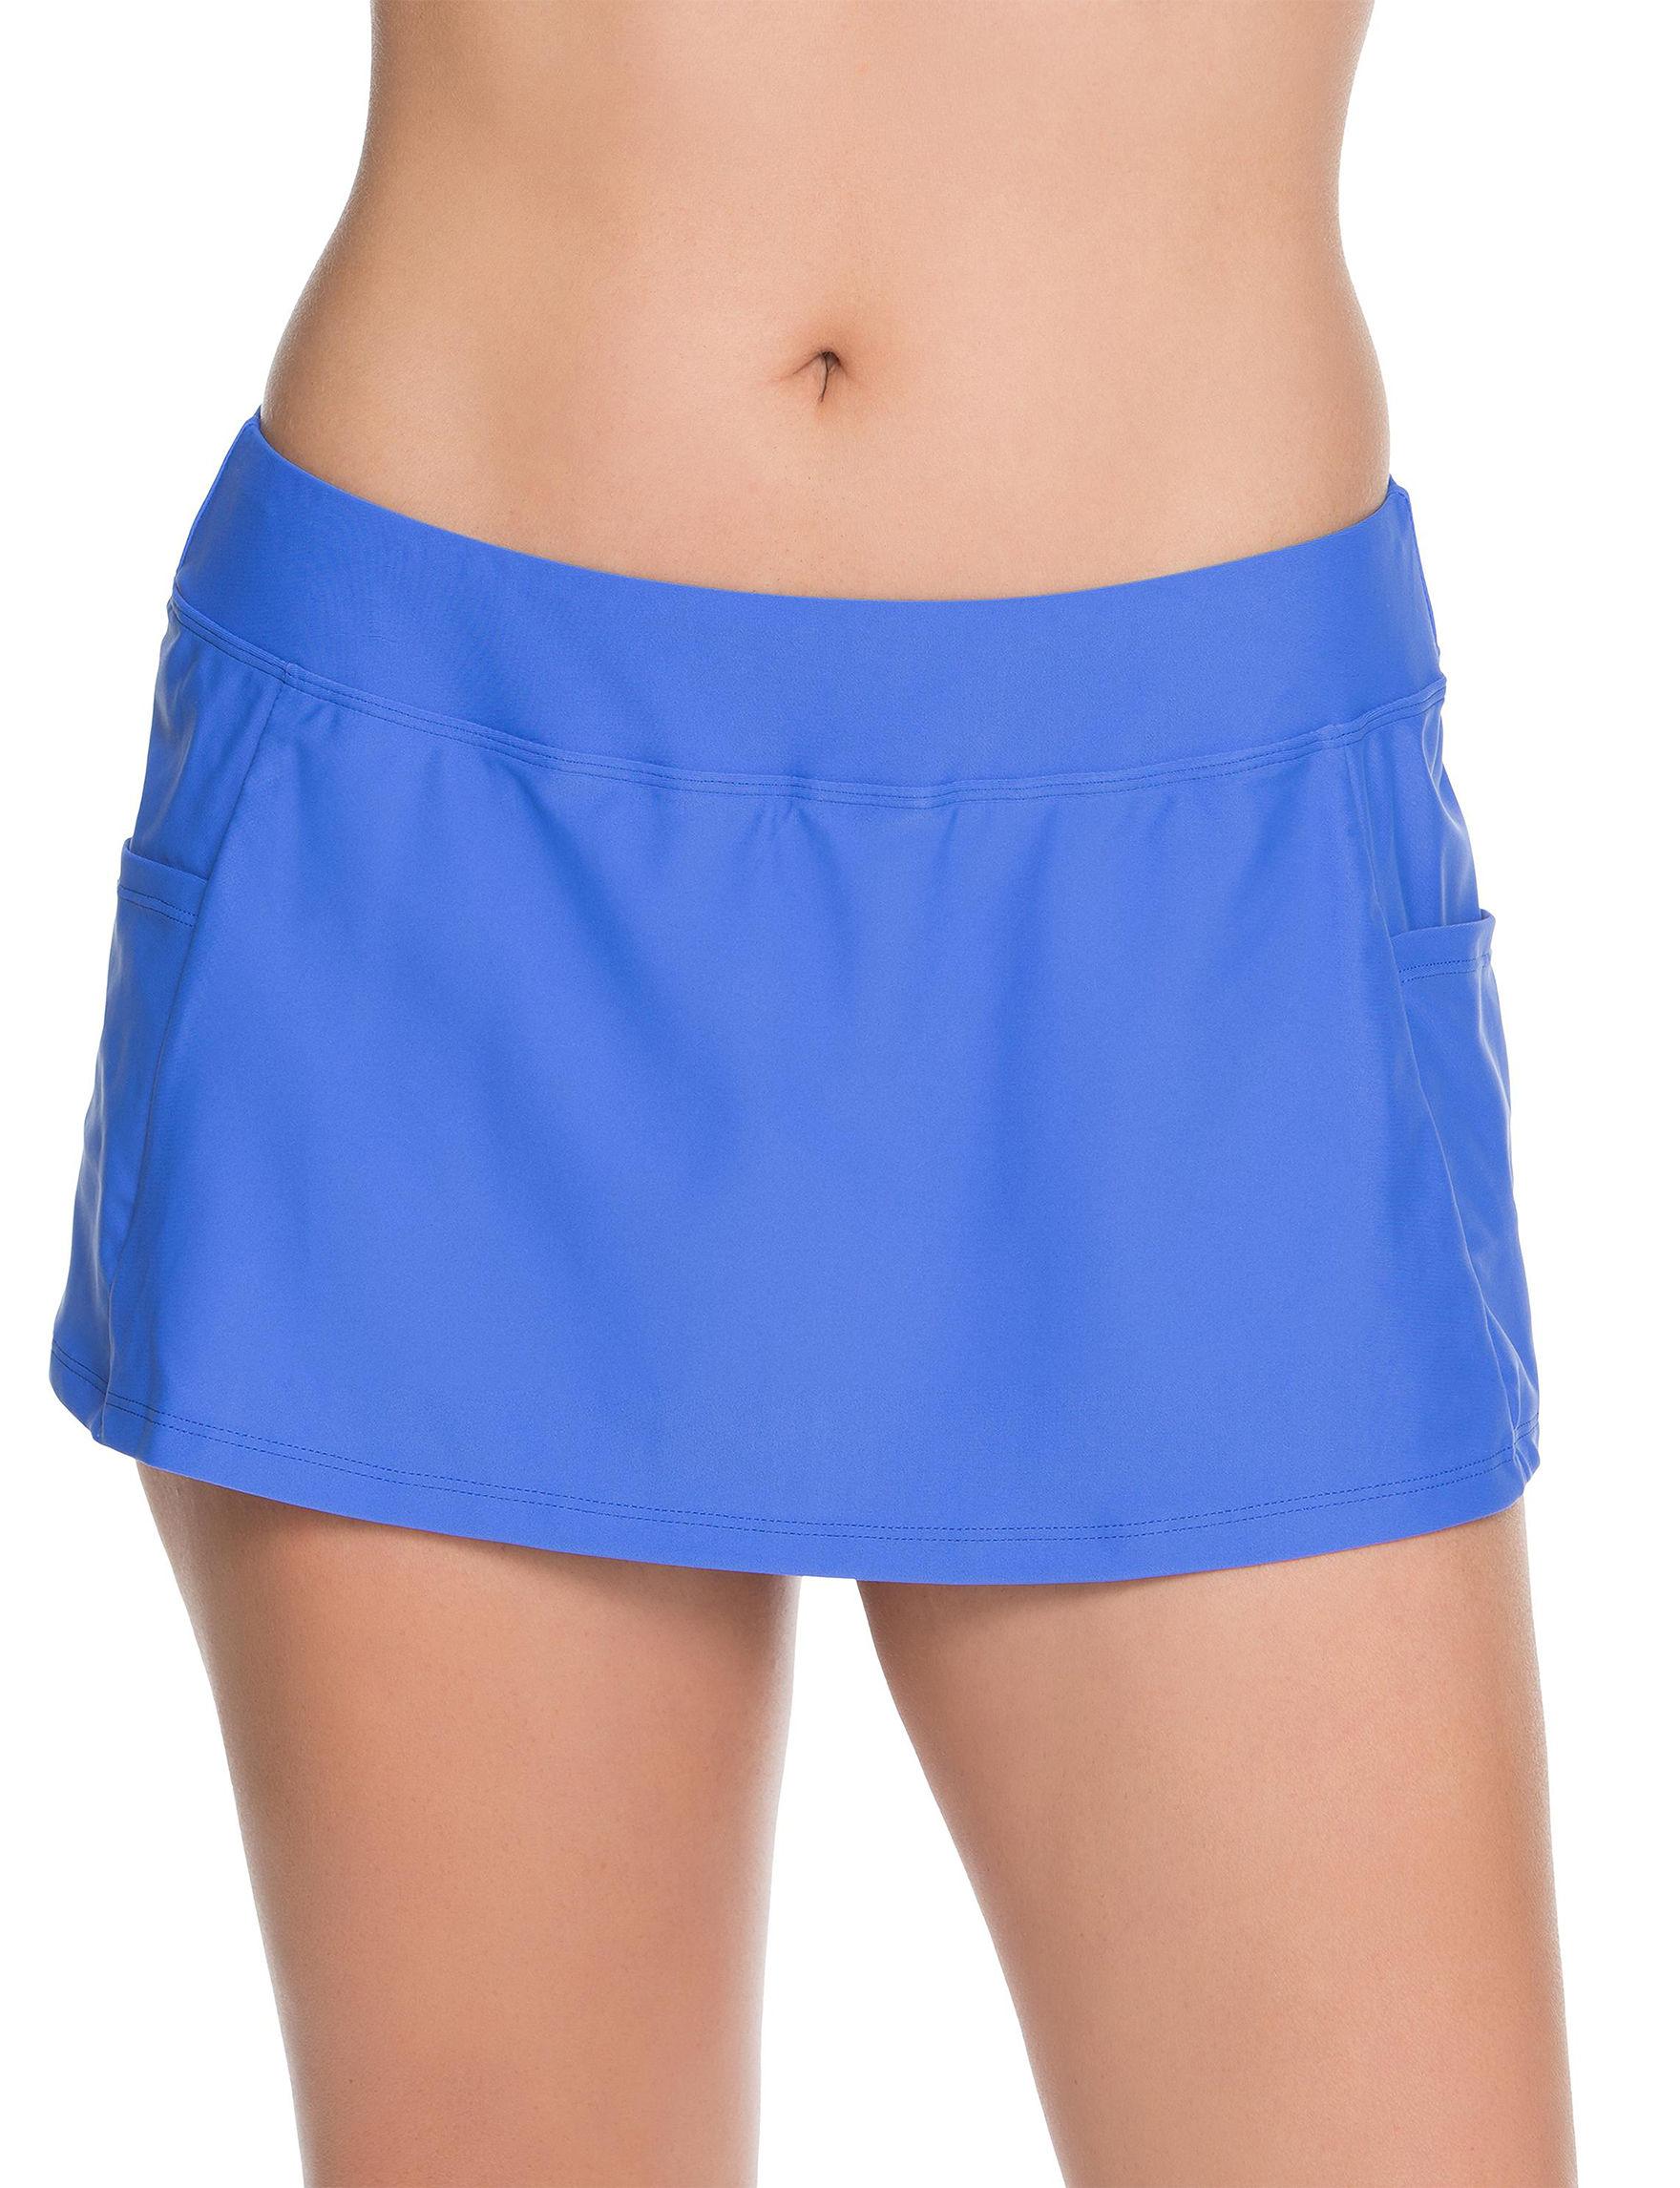 Splashletics Cobalt Blue Swimsuit Bottoms Skirtini